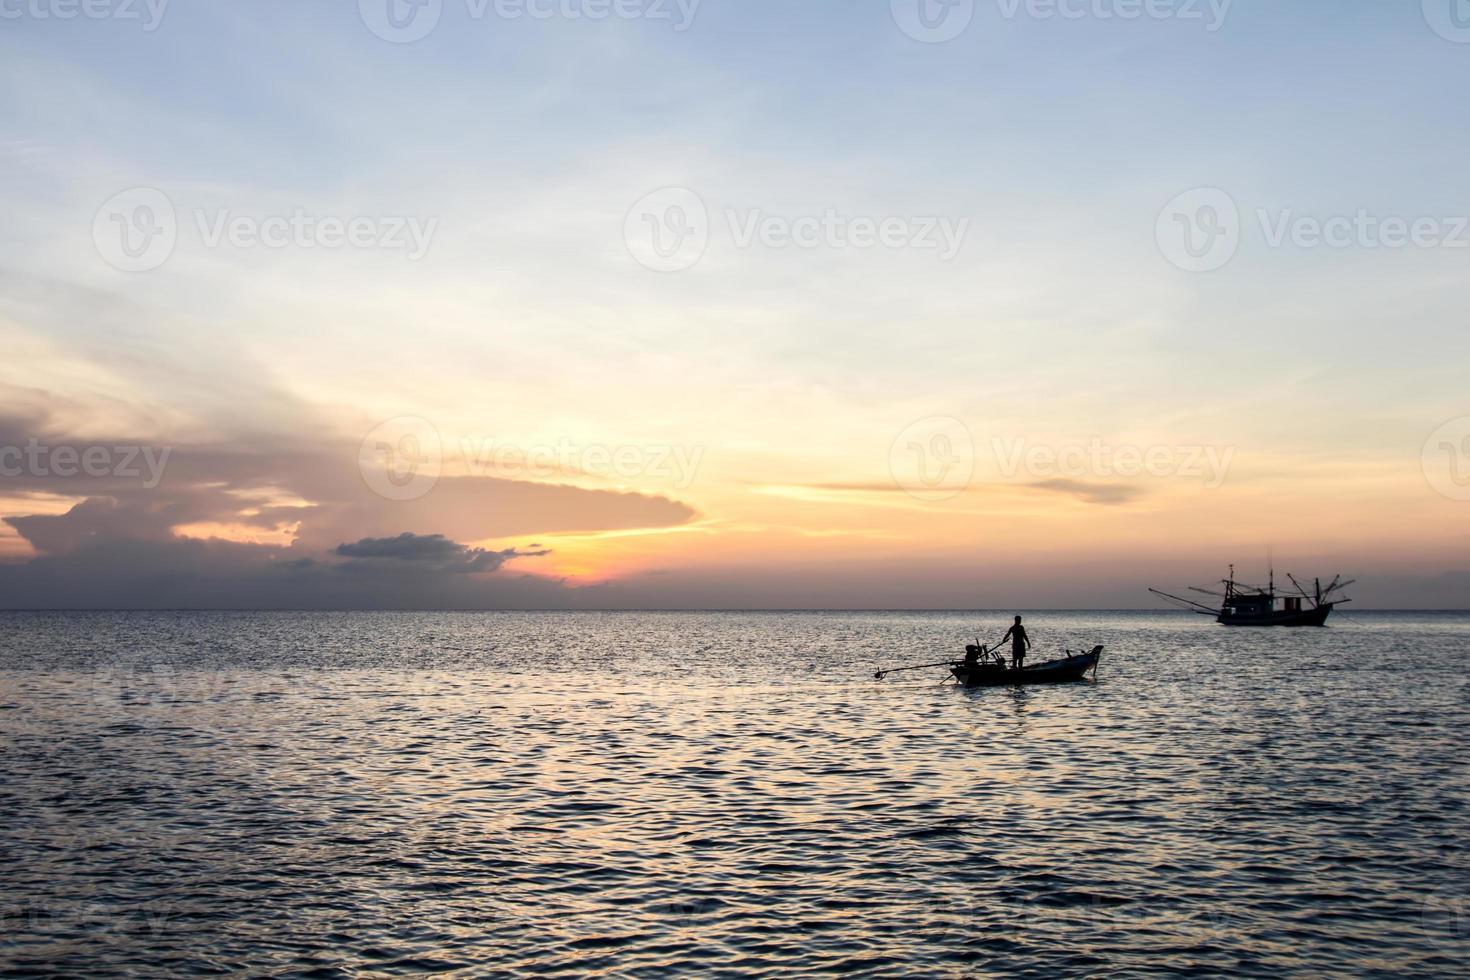 long-tailed boat and sunset at sea, Koh Phangan,Surat Thani photo